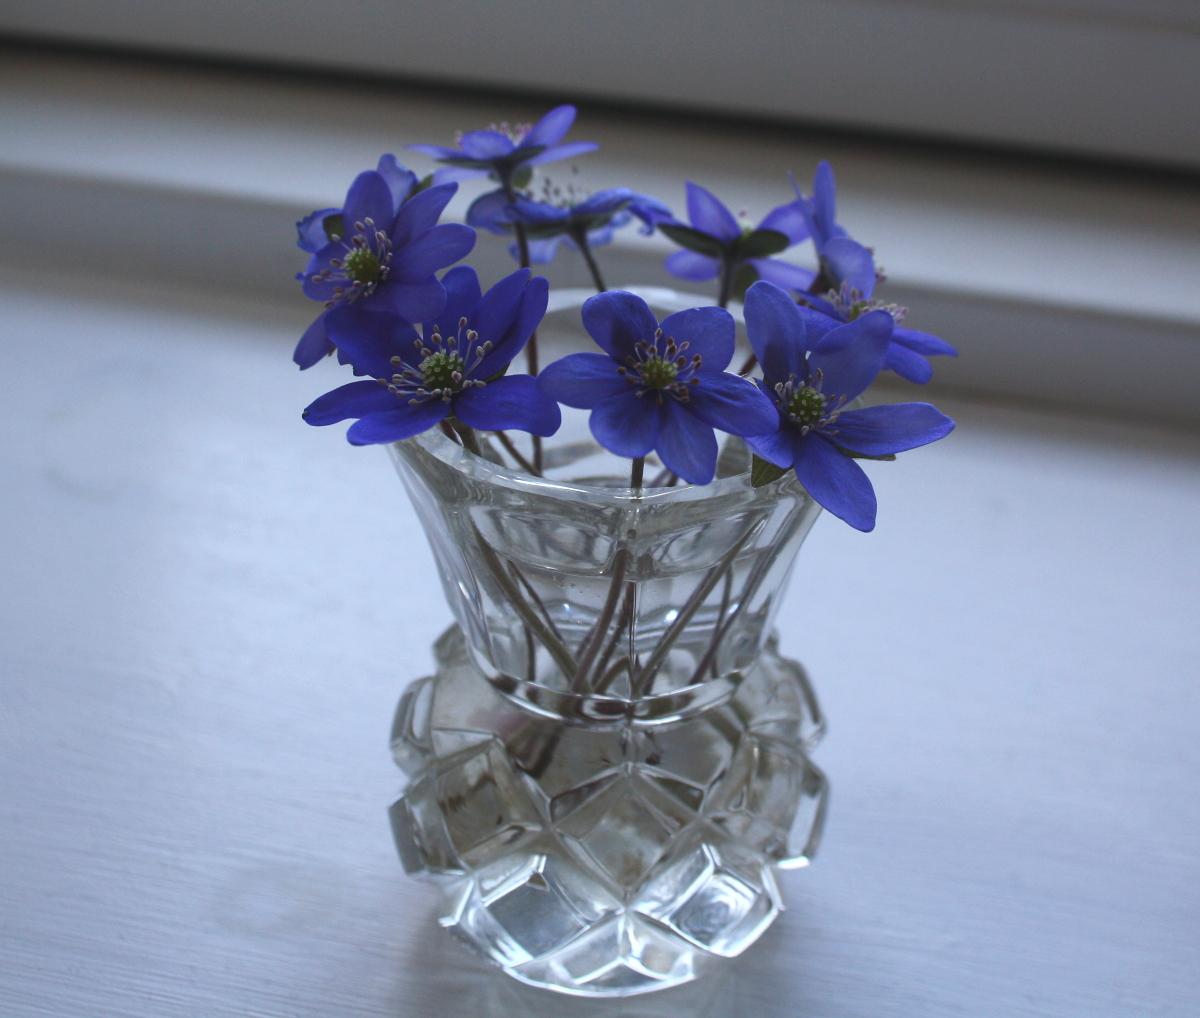 Blå anemoner